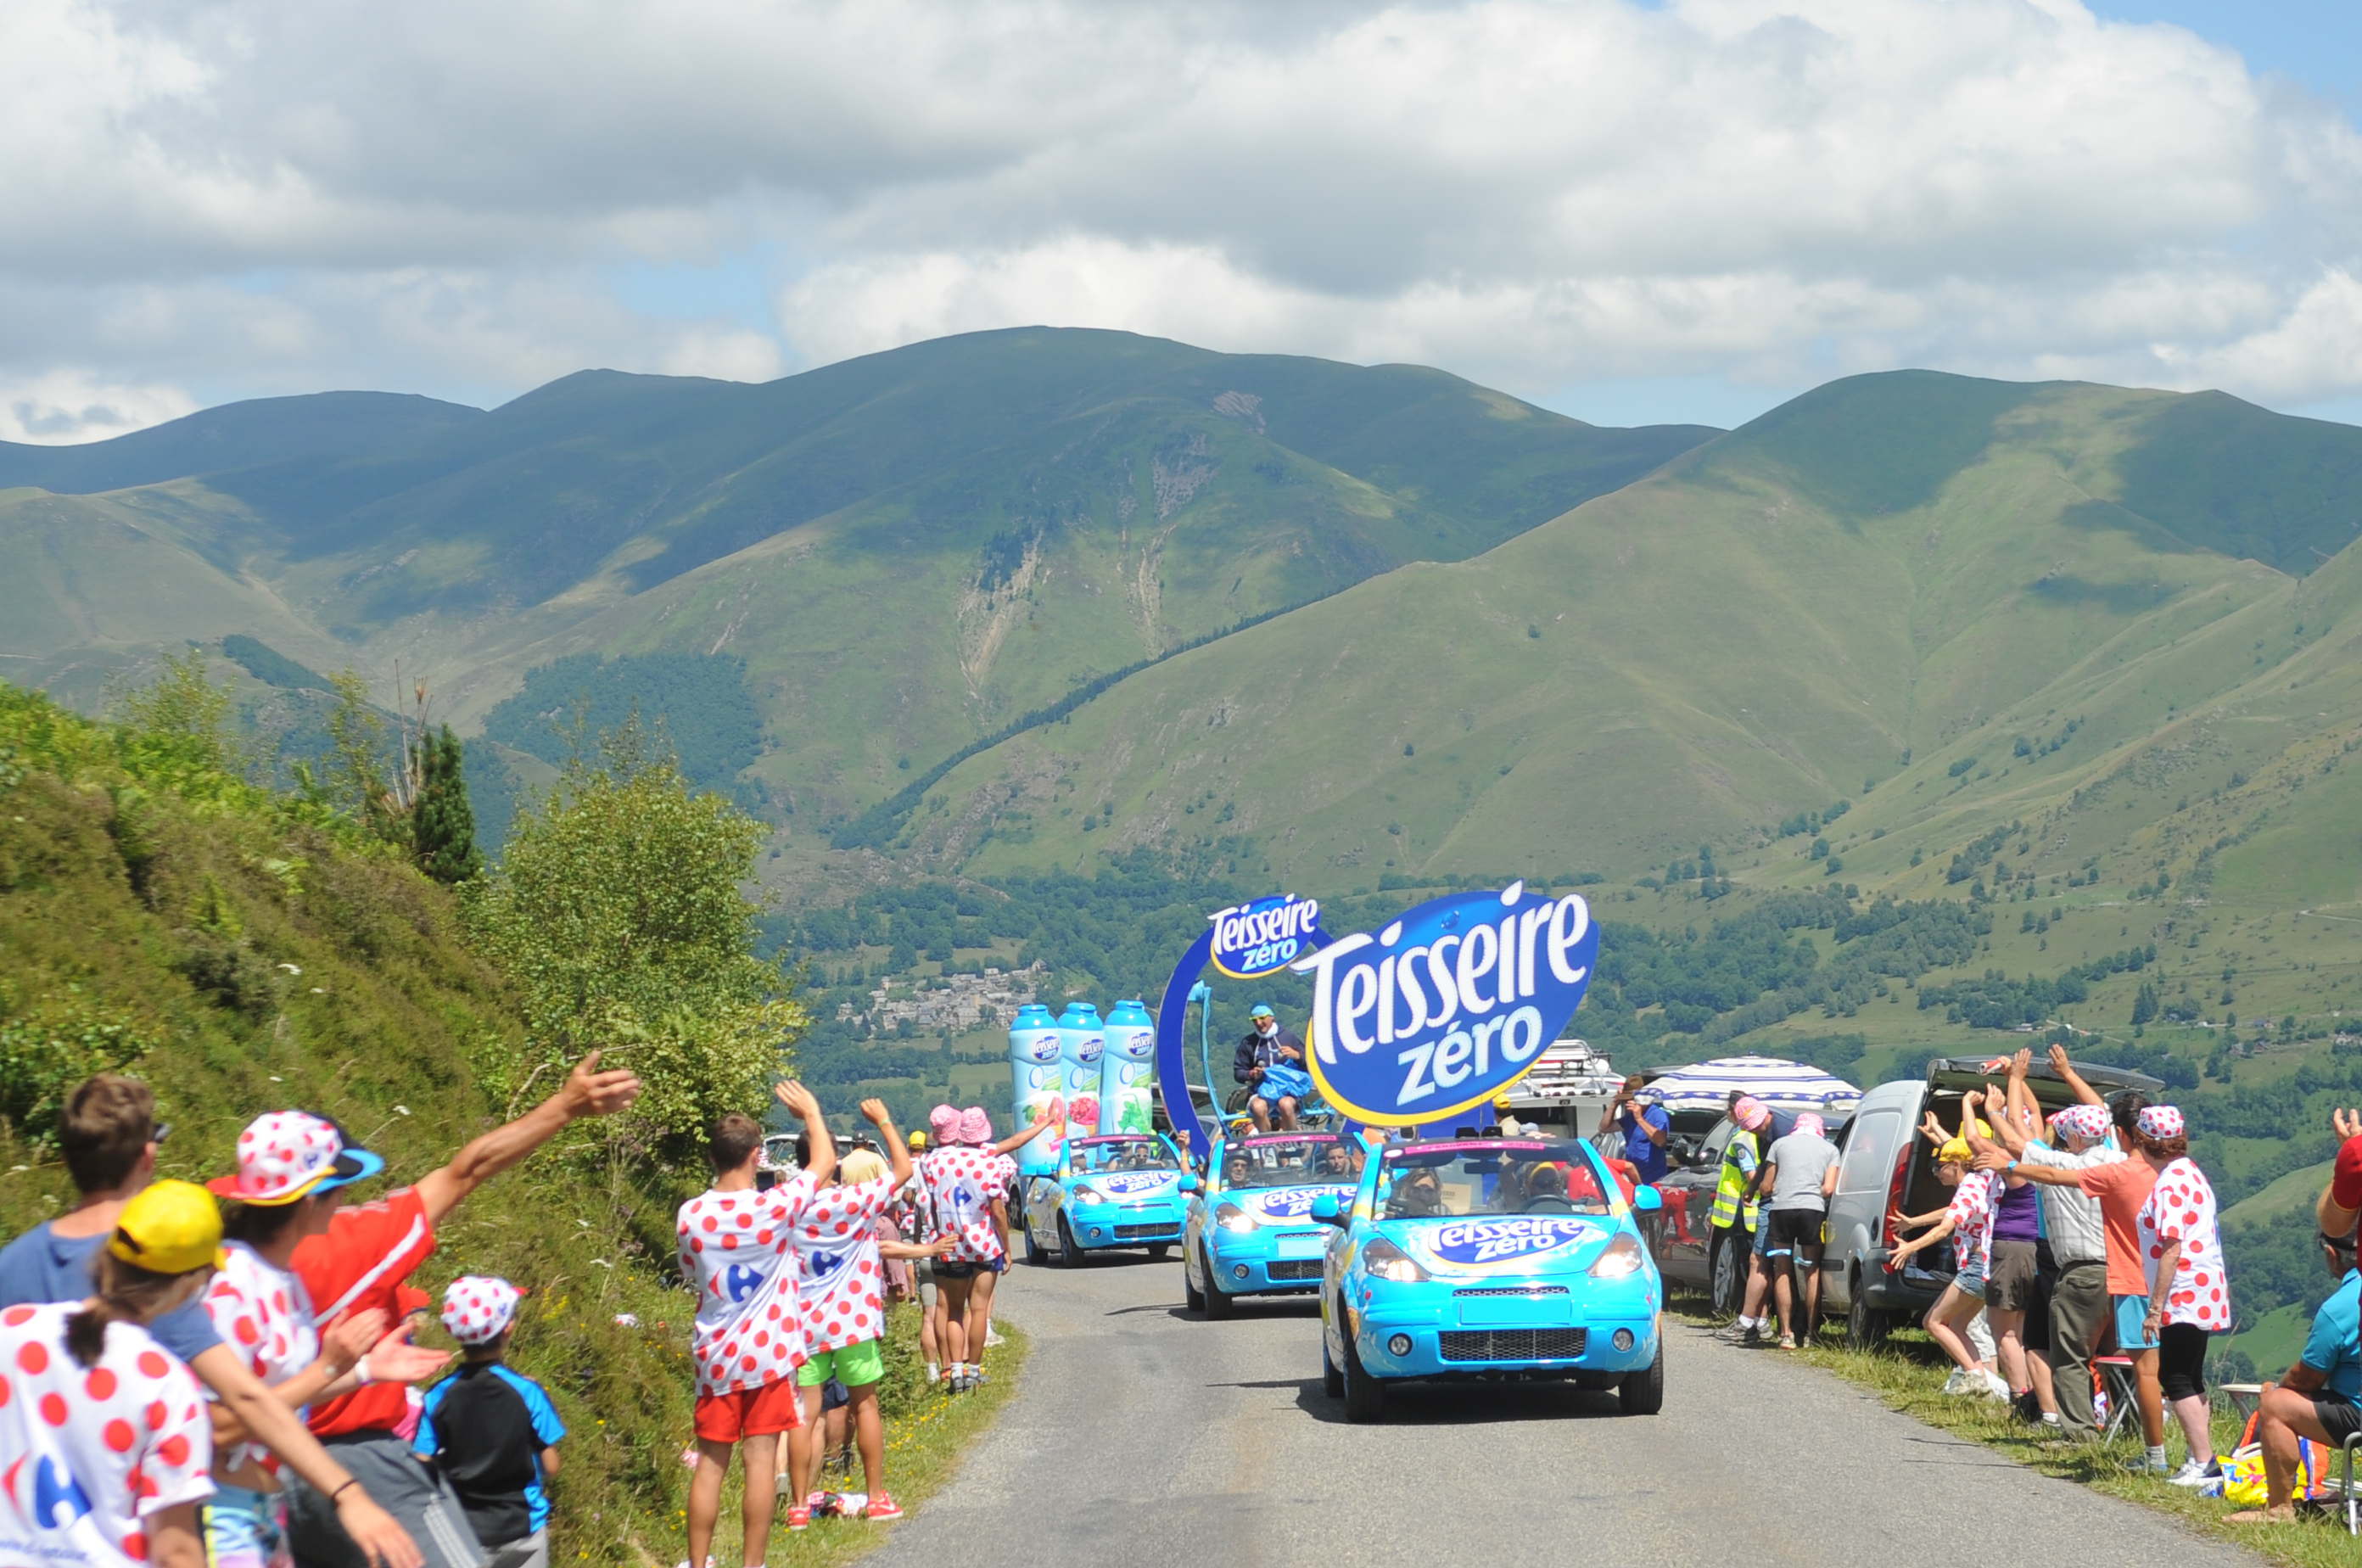 Tour de France 2014 - Etape 17 - Saint-Gaudens / Saint-Lary-Soulan Pla d'Adet - 23/07/2014